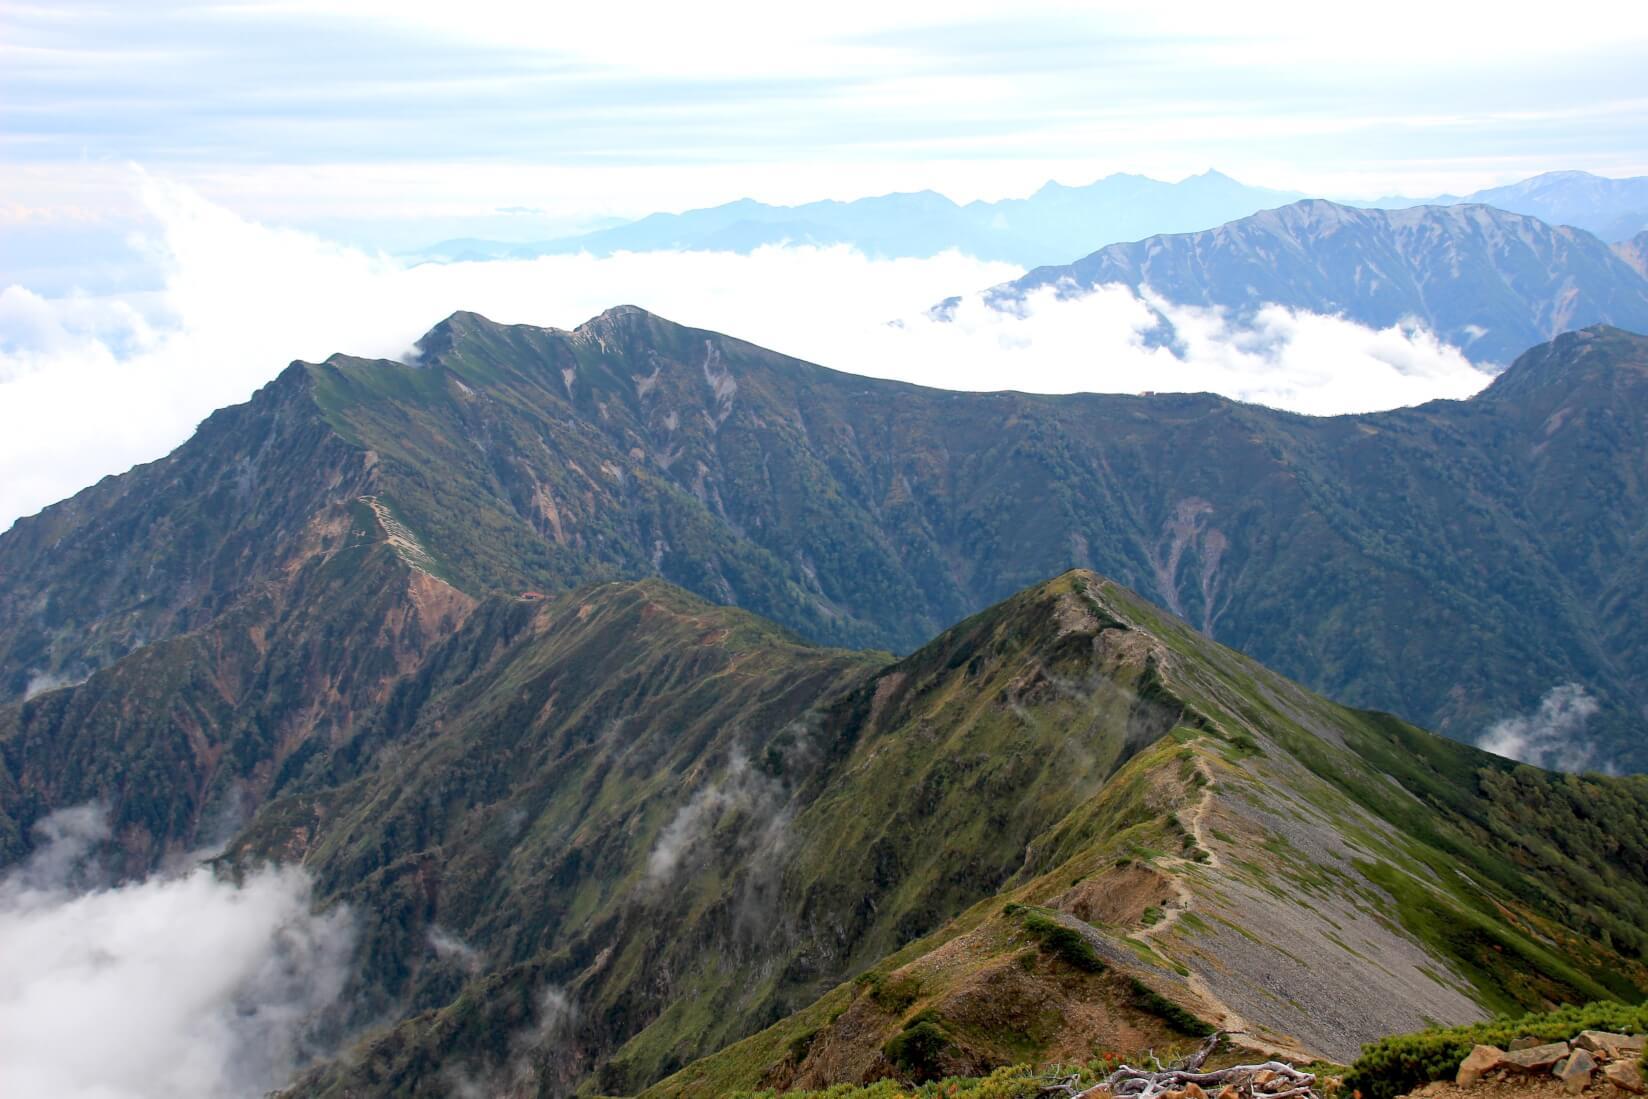 鹿島槍ヶ岳山頂から爺ヶ岳方向